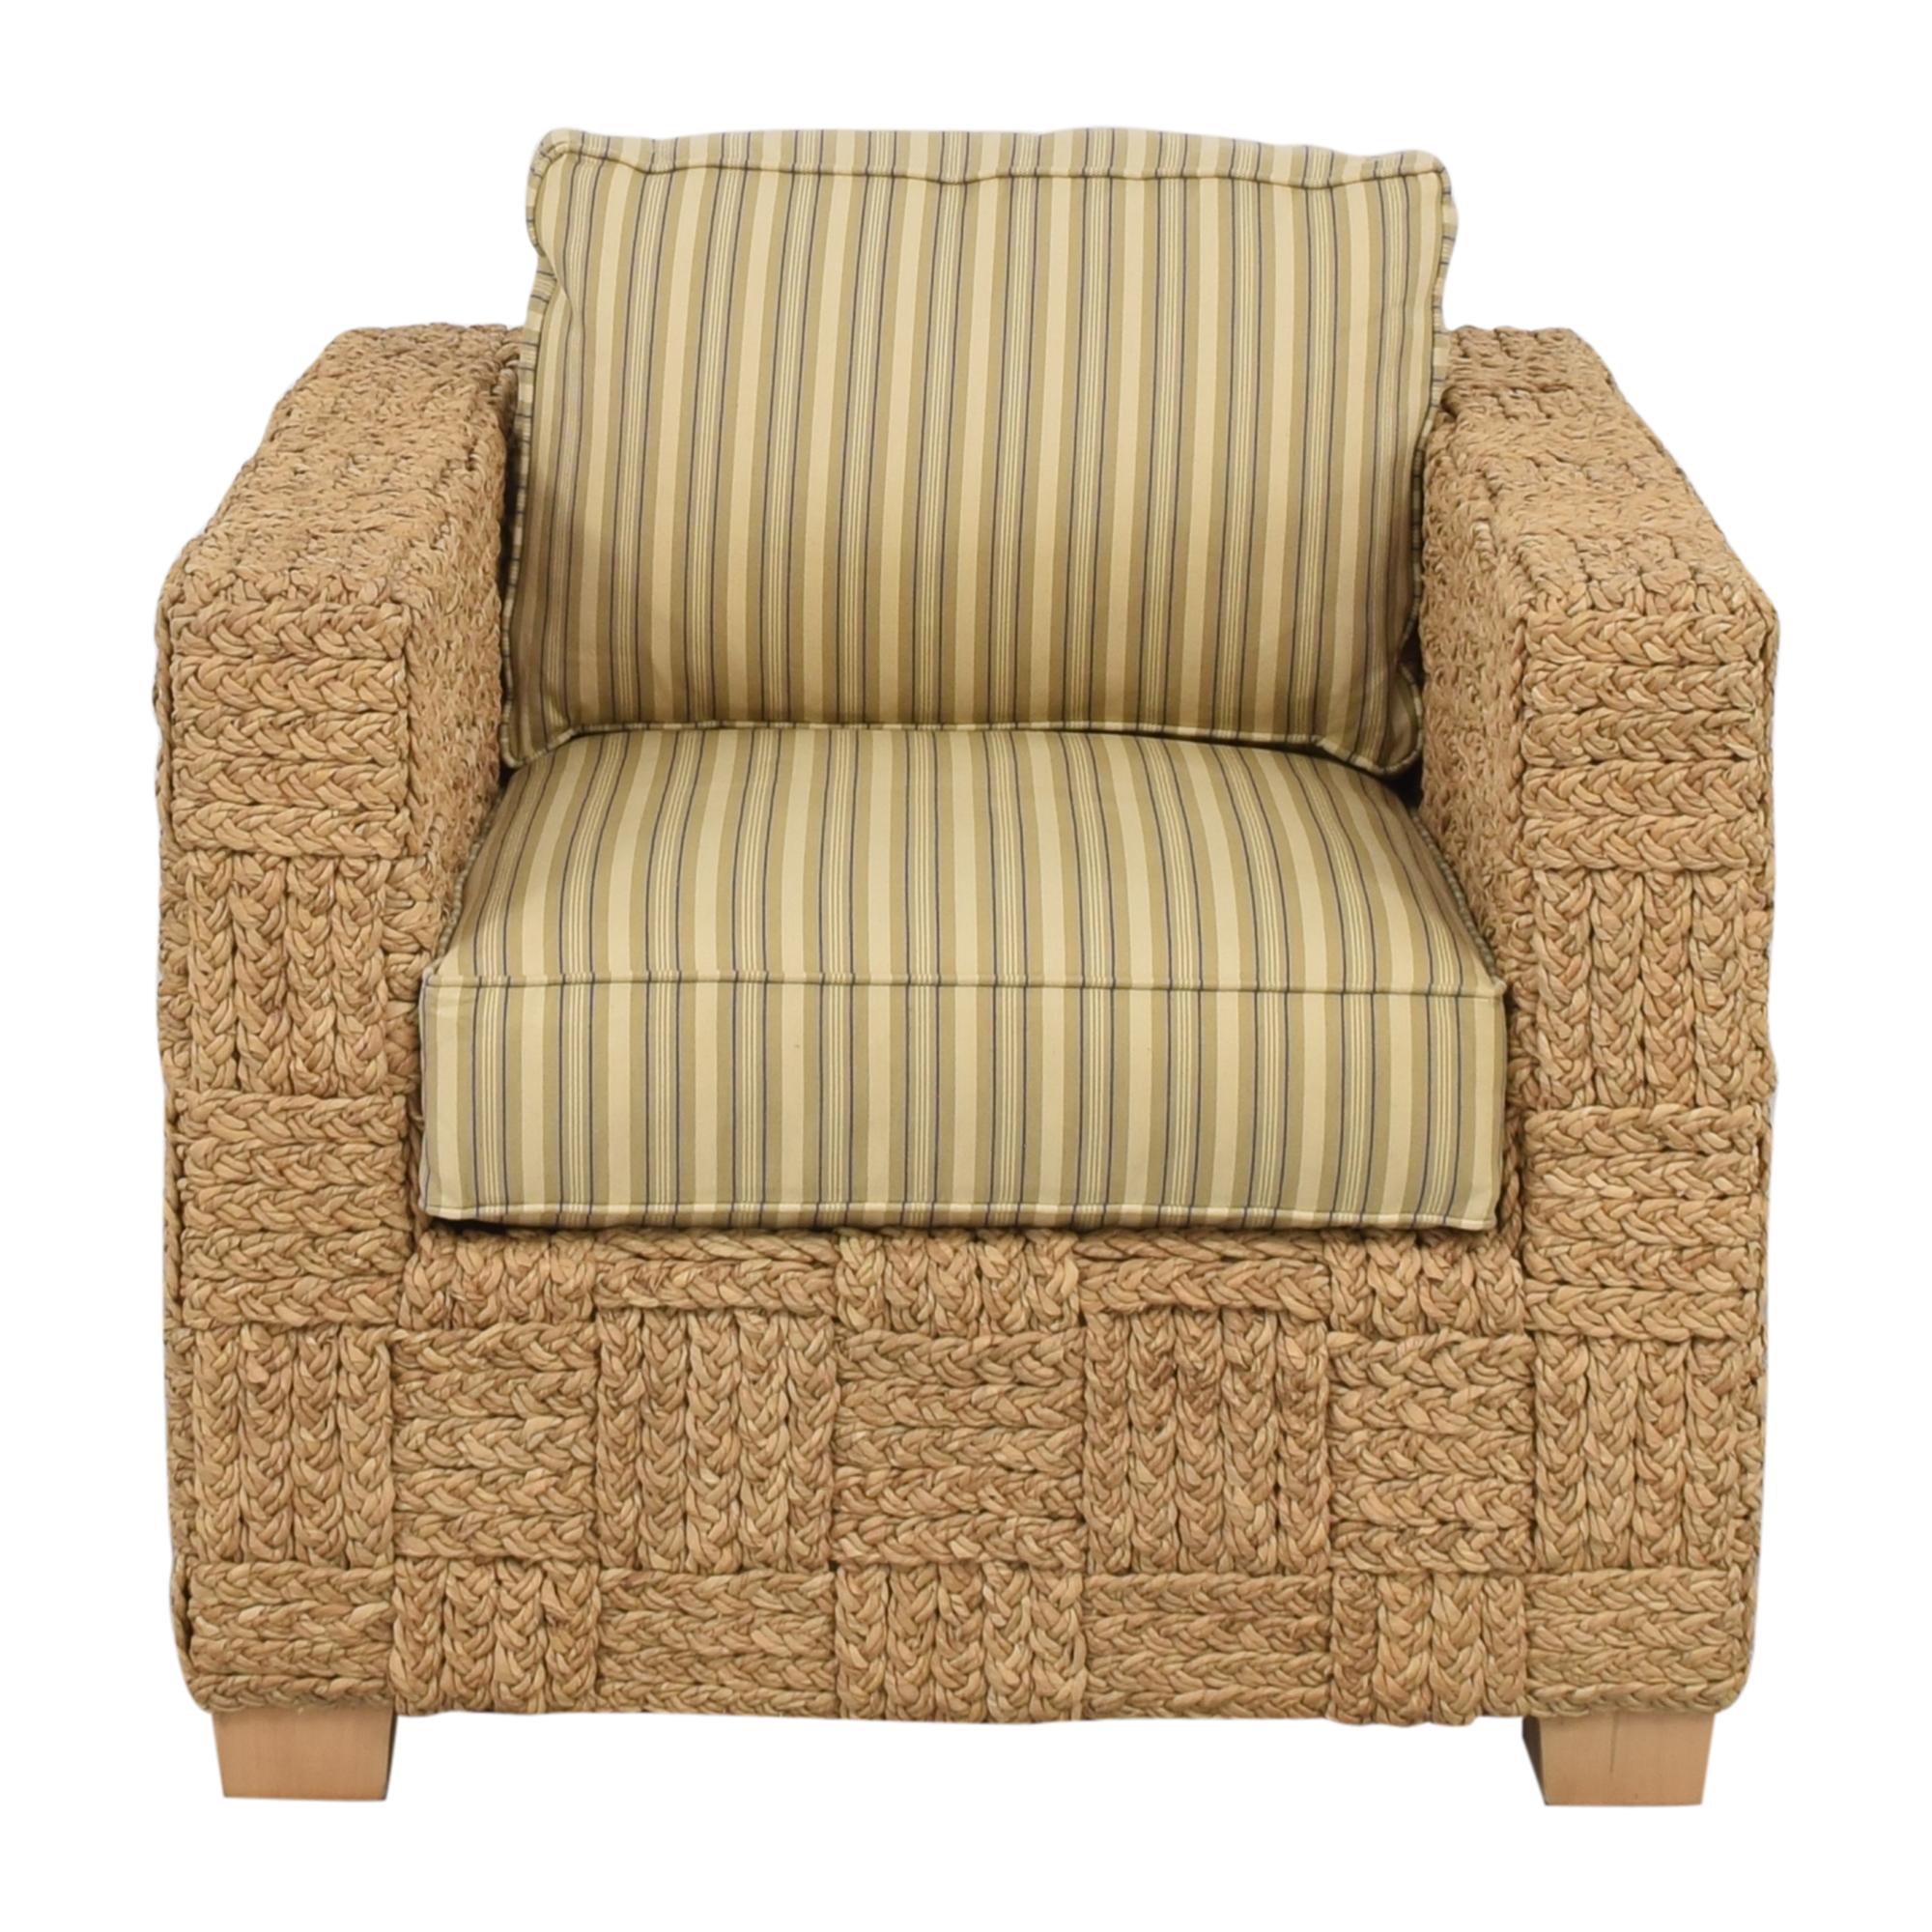 Ralph Lauren Home Ralph Lauren Home Accent Chair with Ottoman ma